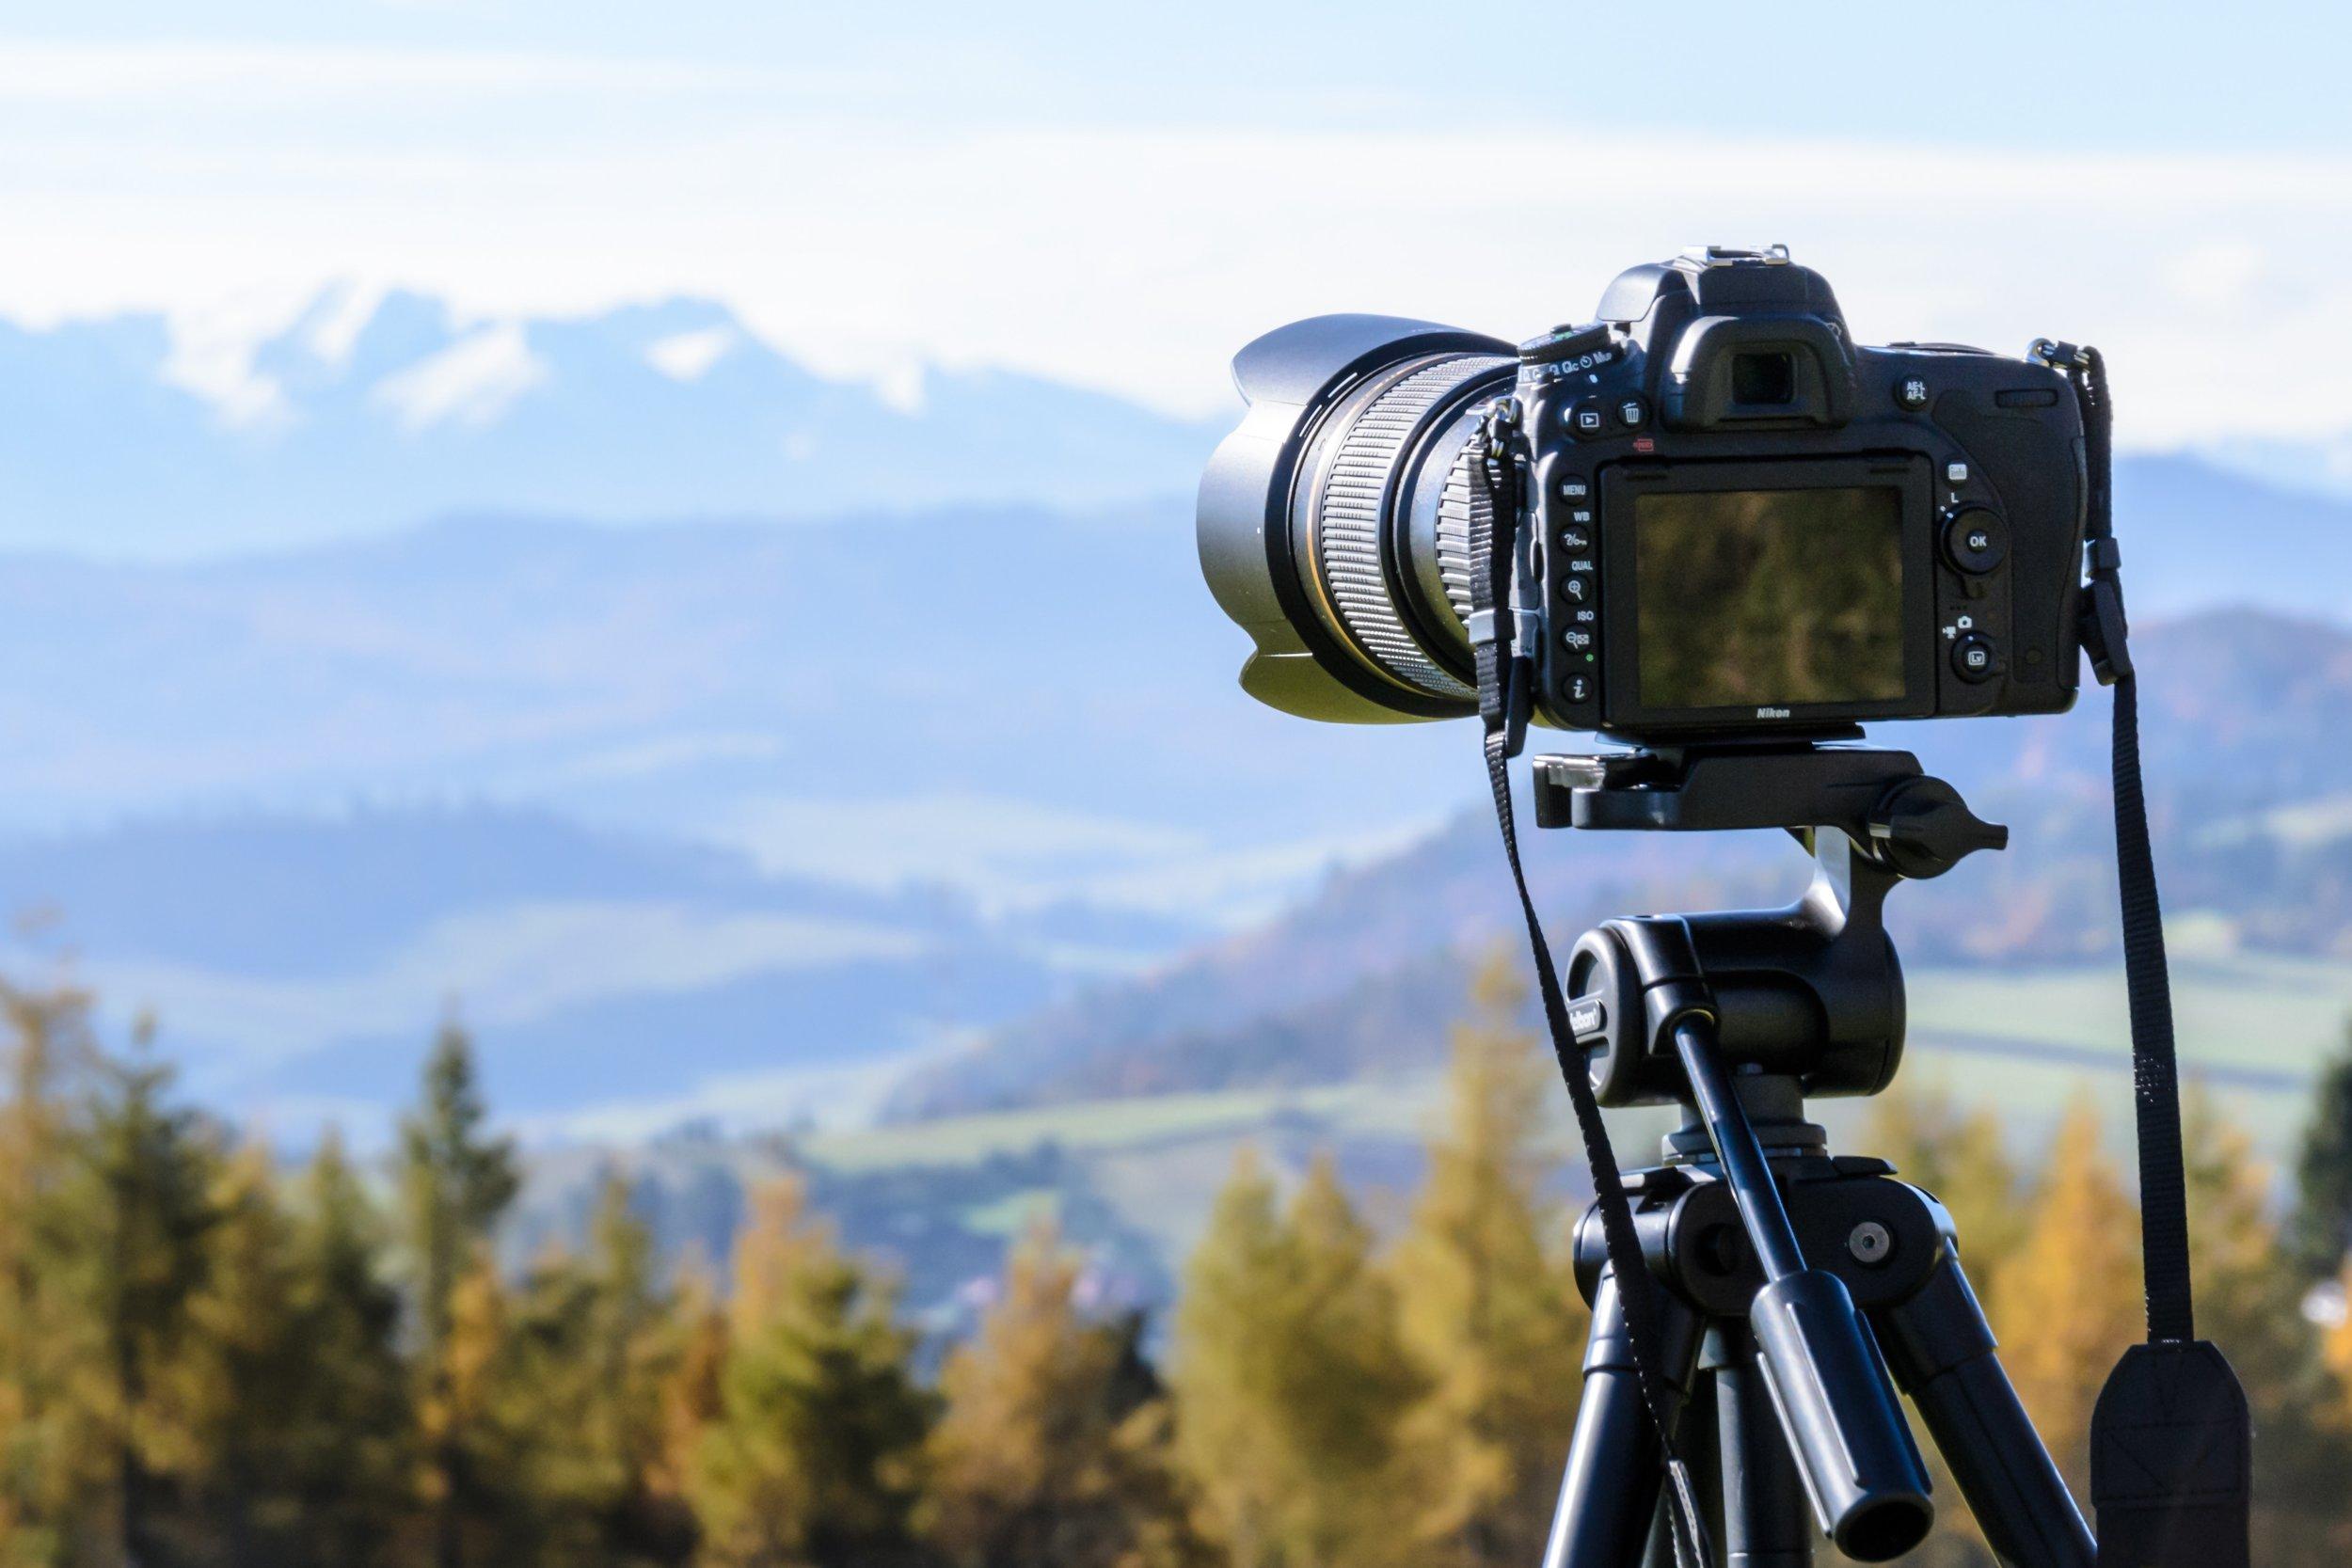 camera-dslr-landscape-212372.jpg